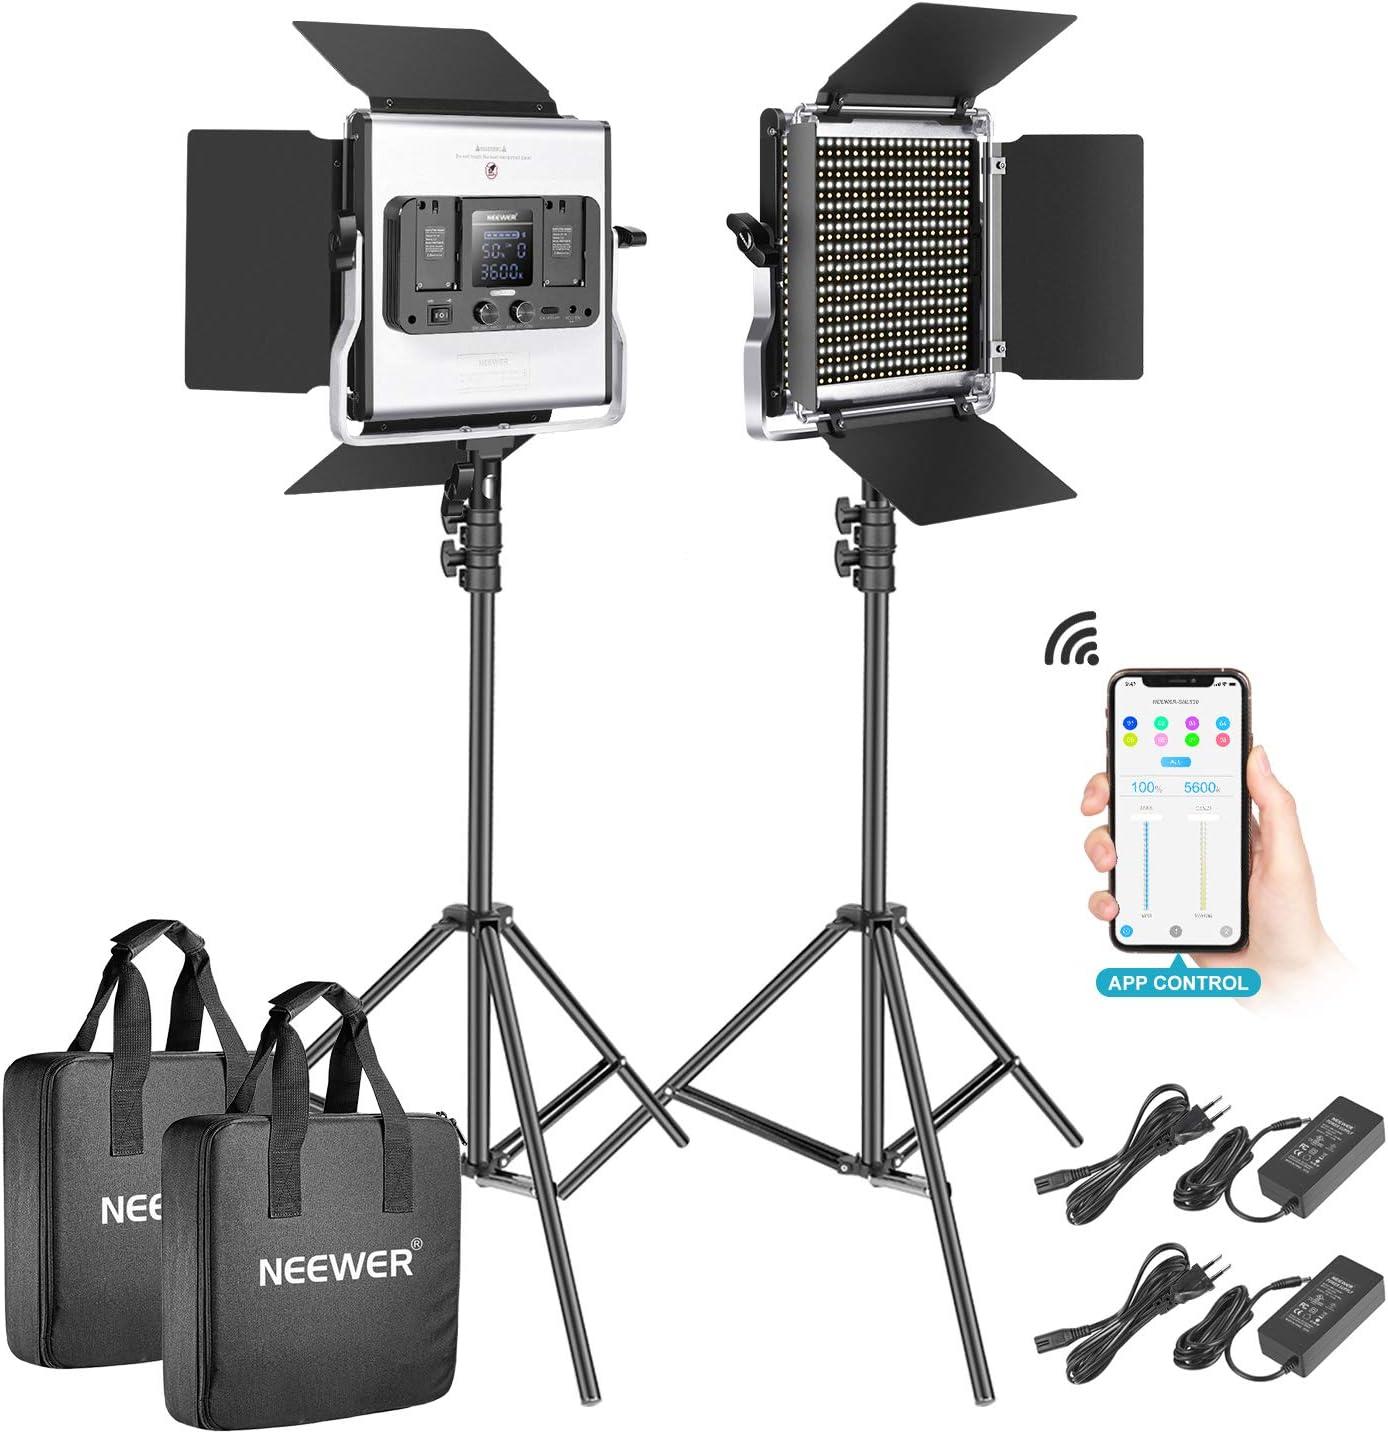 Neewer 2-Pack 528 LED Video Luz Metal Regulable Bi-Color 3200K-5600K Kit de Iluminación Fotografía con App Sistema Control Inteligente Pantalla LCD y Soporte Luz para Video Estudio